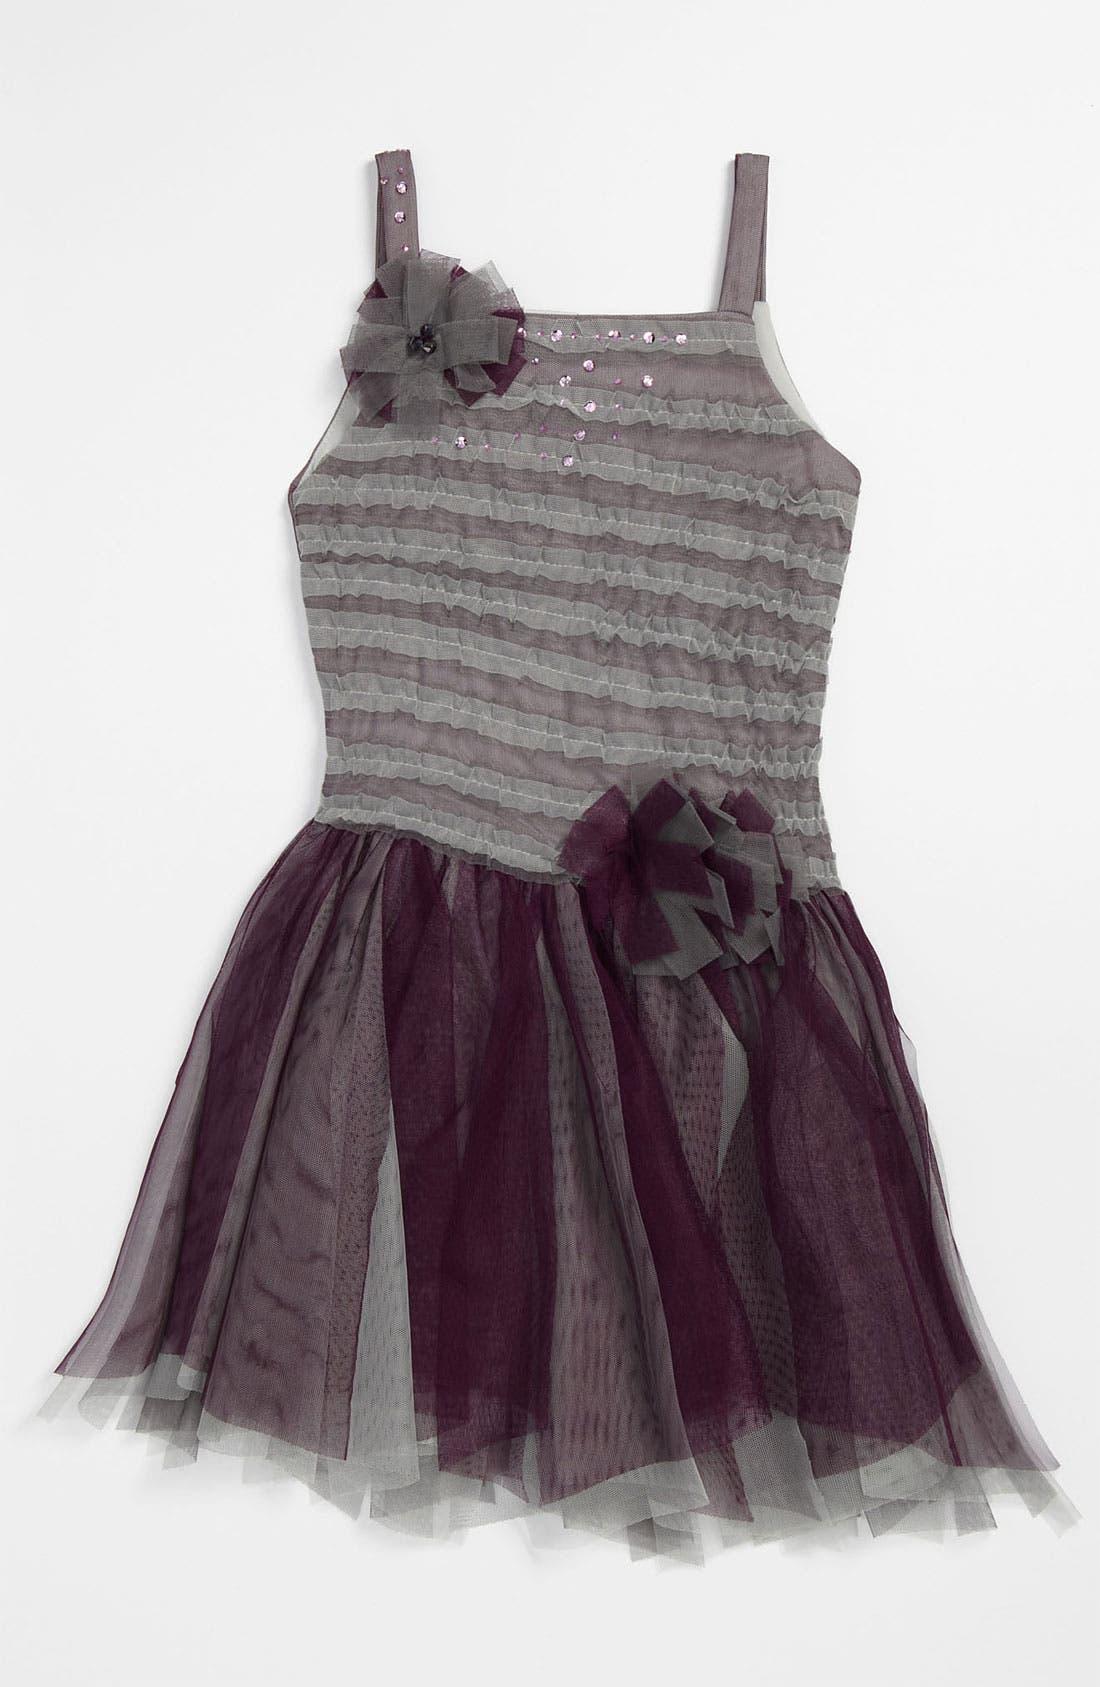 Alternate Image 1 Selected - Isobella & Chloe 'Plum Kiss' Dress (Little Girls & Big Girls)